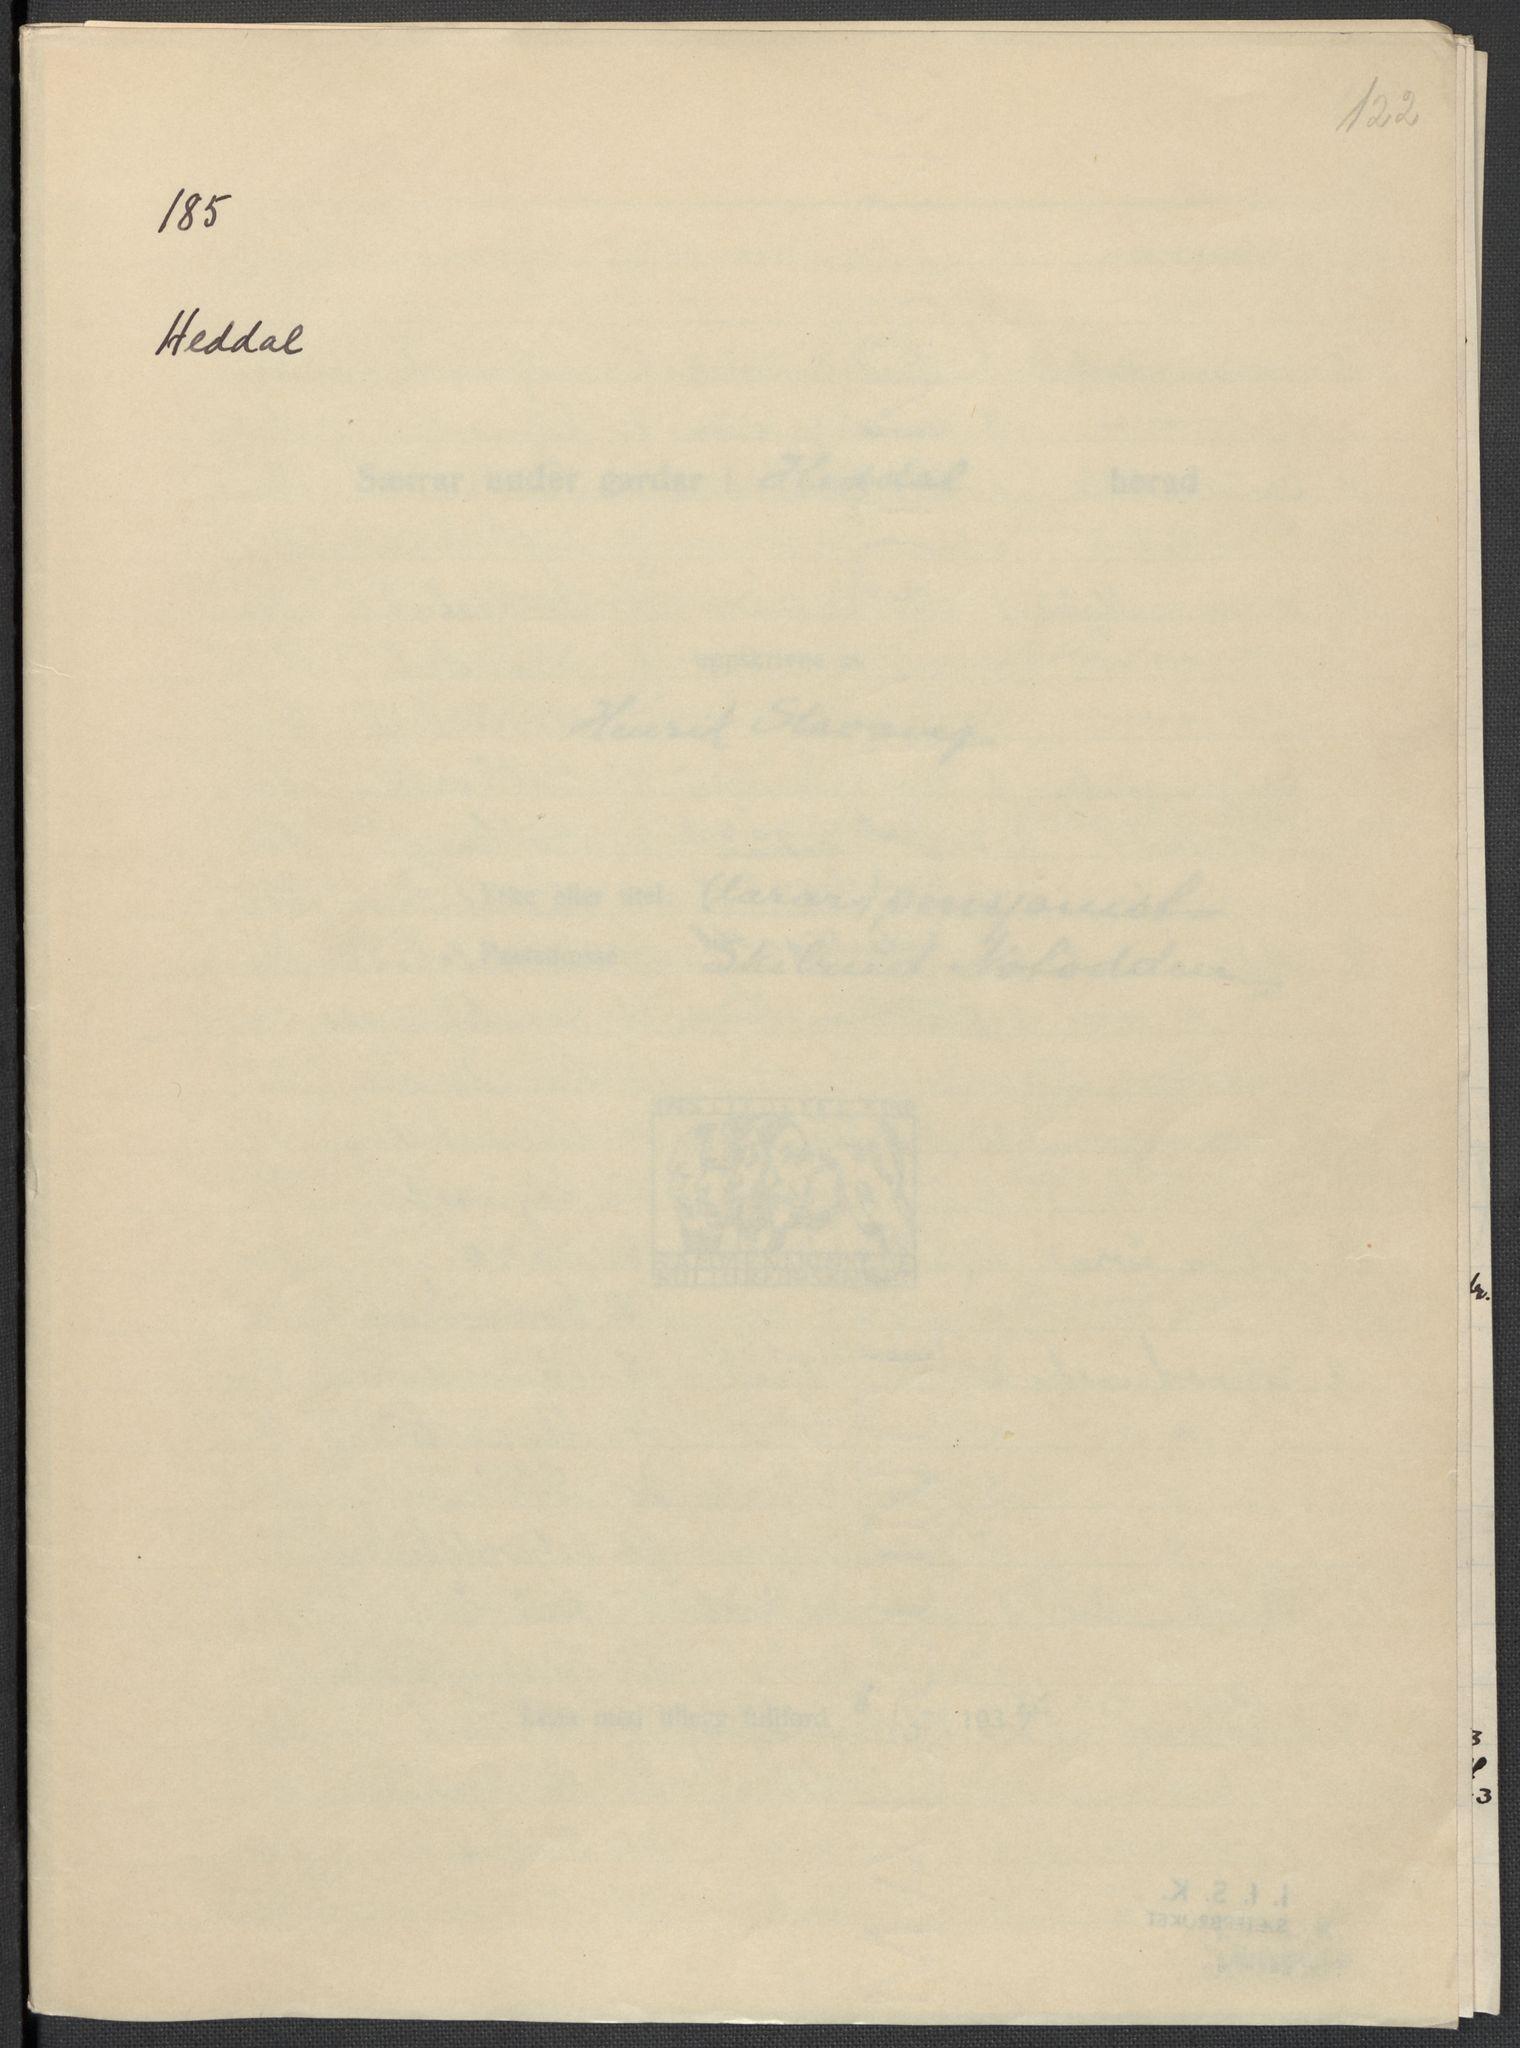 RA, Instituttet for sammenlignende kulturforskning, F/Fc/L0007: Eske B7:, 1934-1937, s. 122